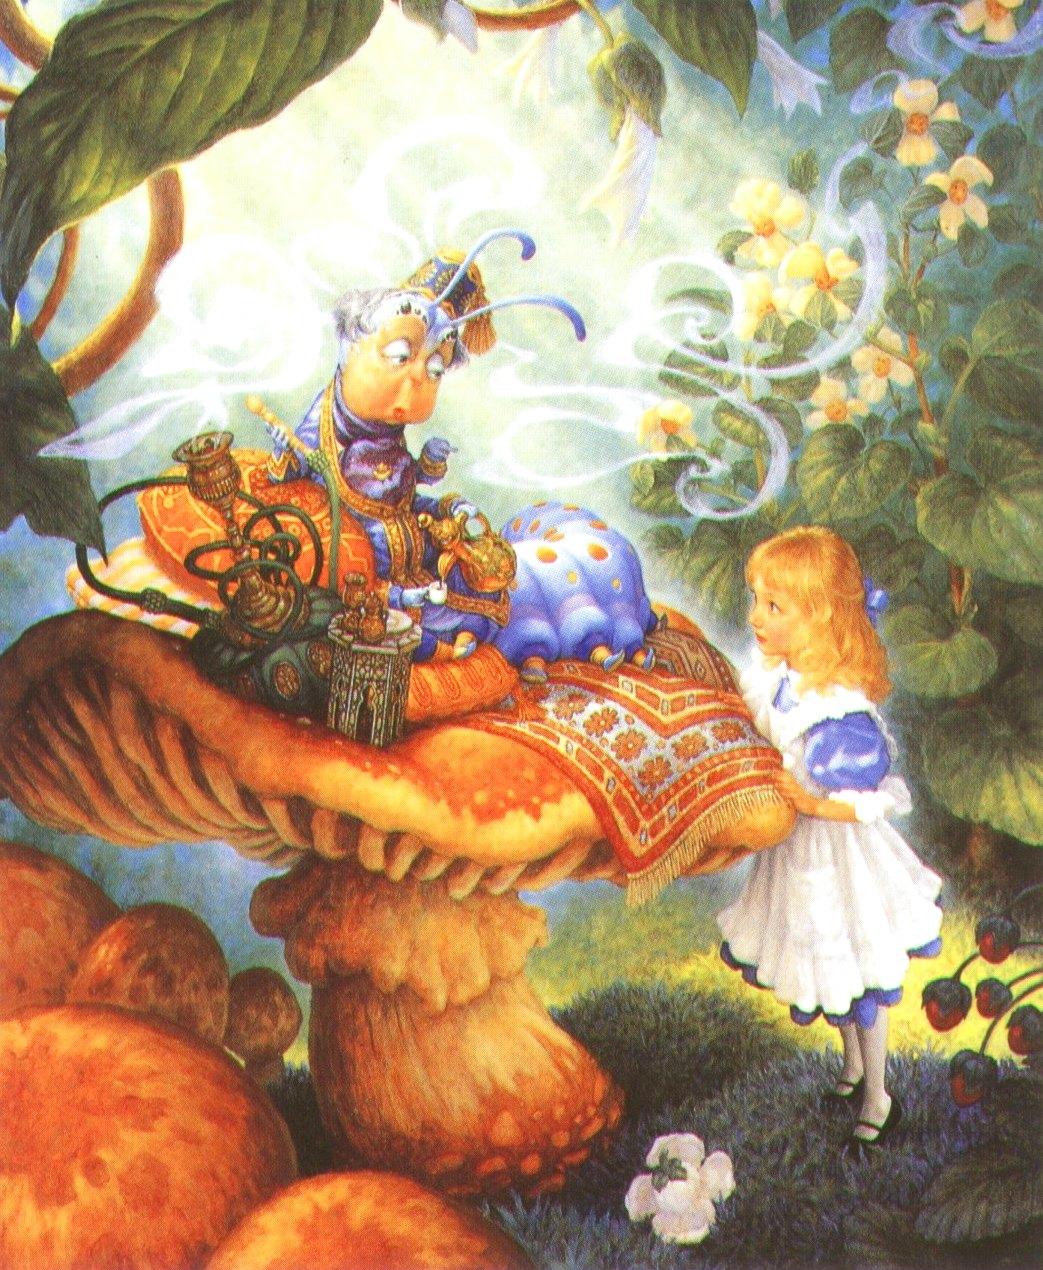 1000 images about alice in wonderland on pinterest - Decoration alice aux pays des merveilles ...